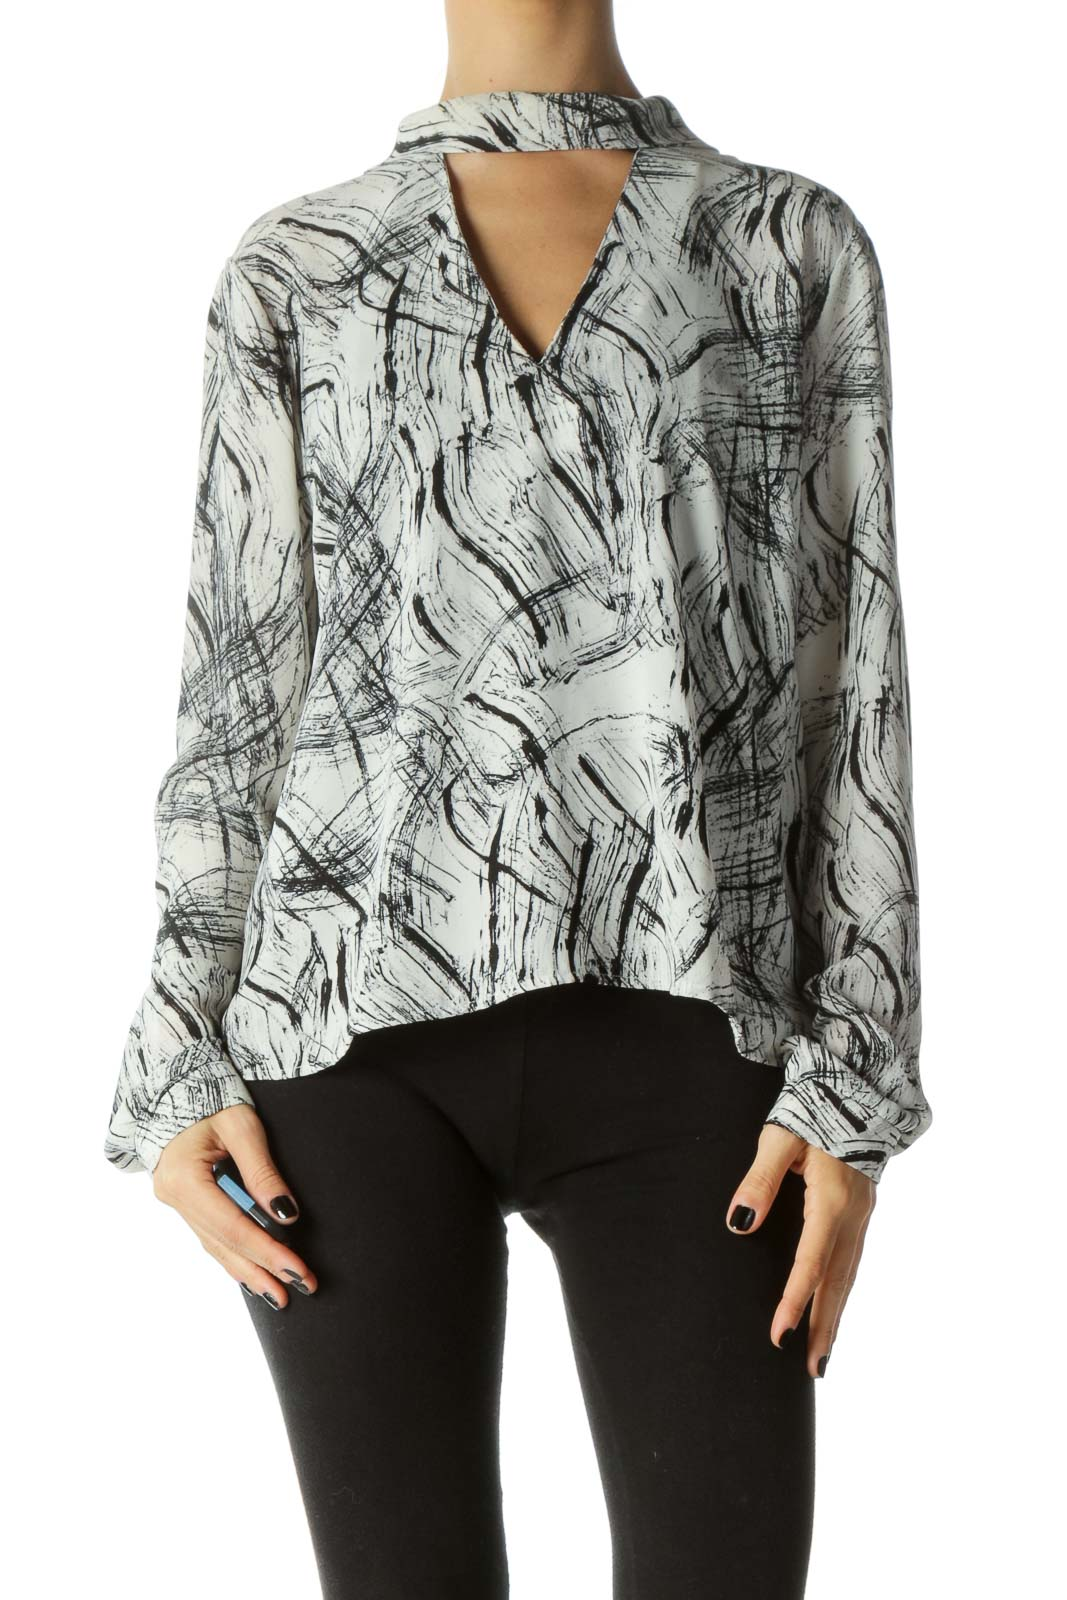 Black & White Zippered Keyhole Long Sleeve Blouse Front